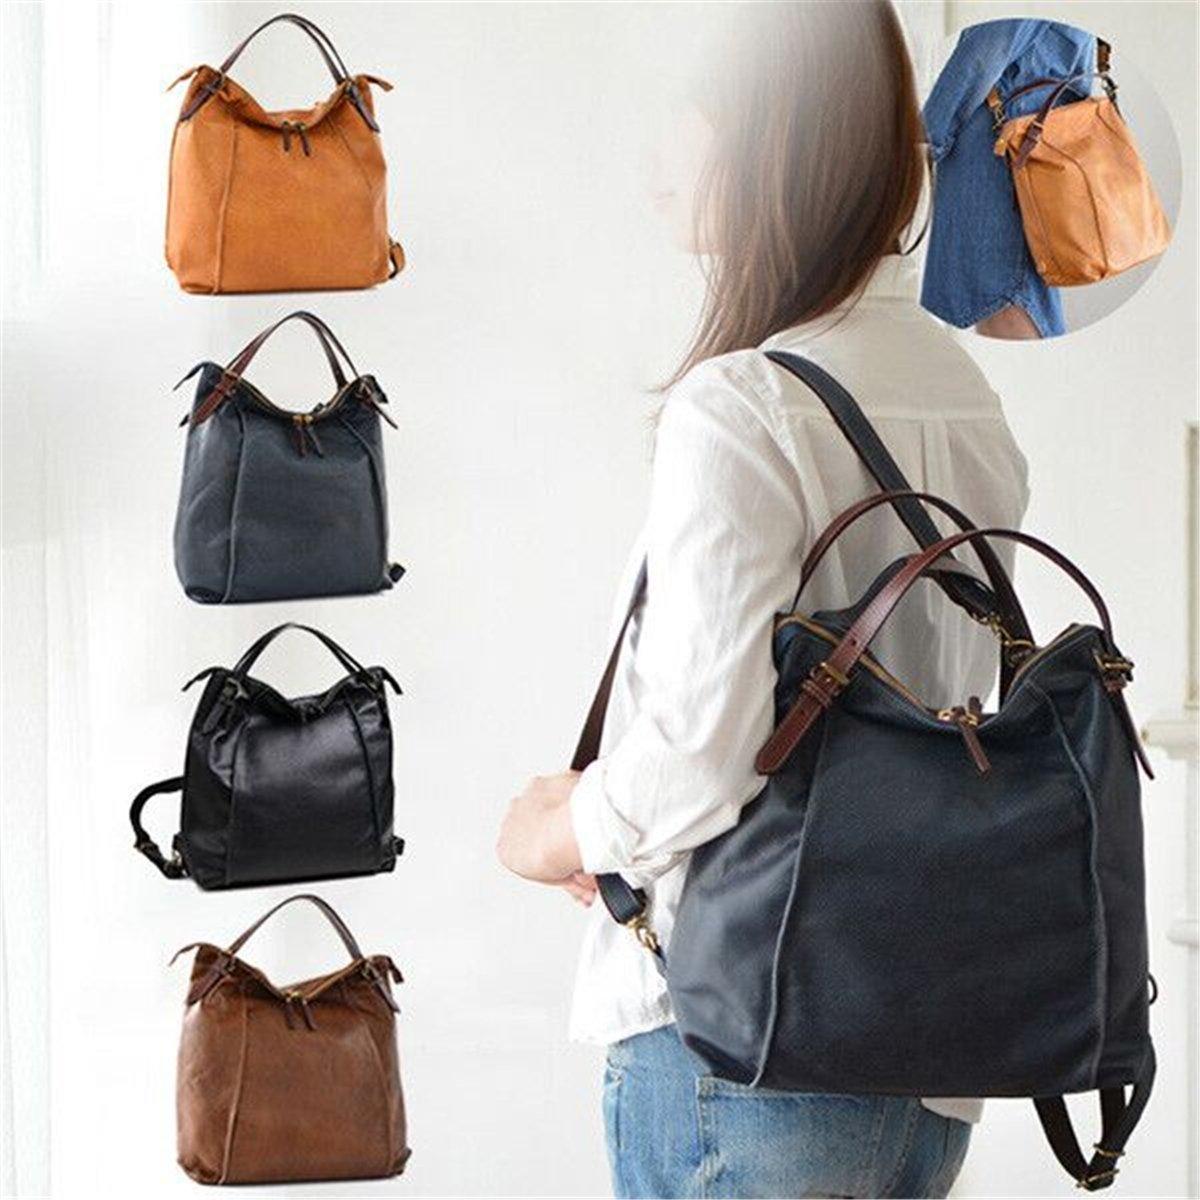 Brenice Cowhide Tote Handbags Vintage Multifuntion Backpack Shoulder Bags BRENICEUSRnal1942